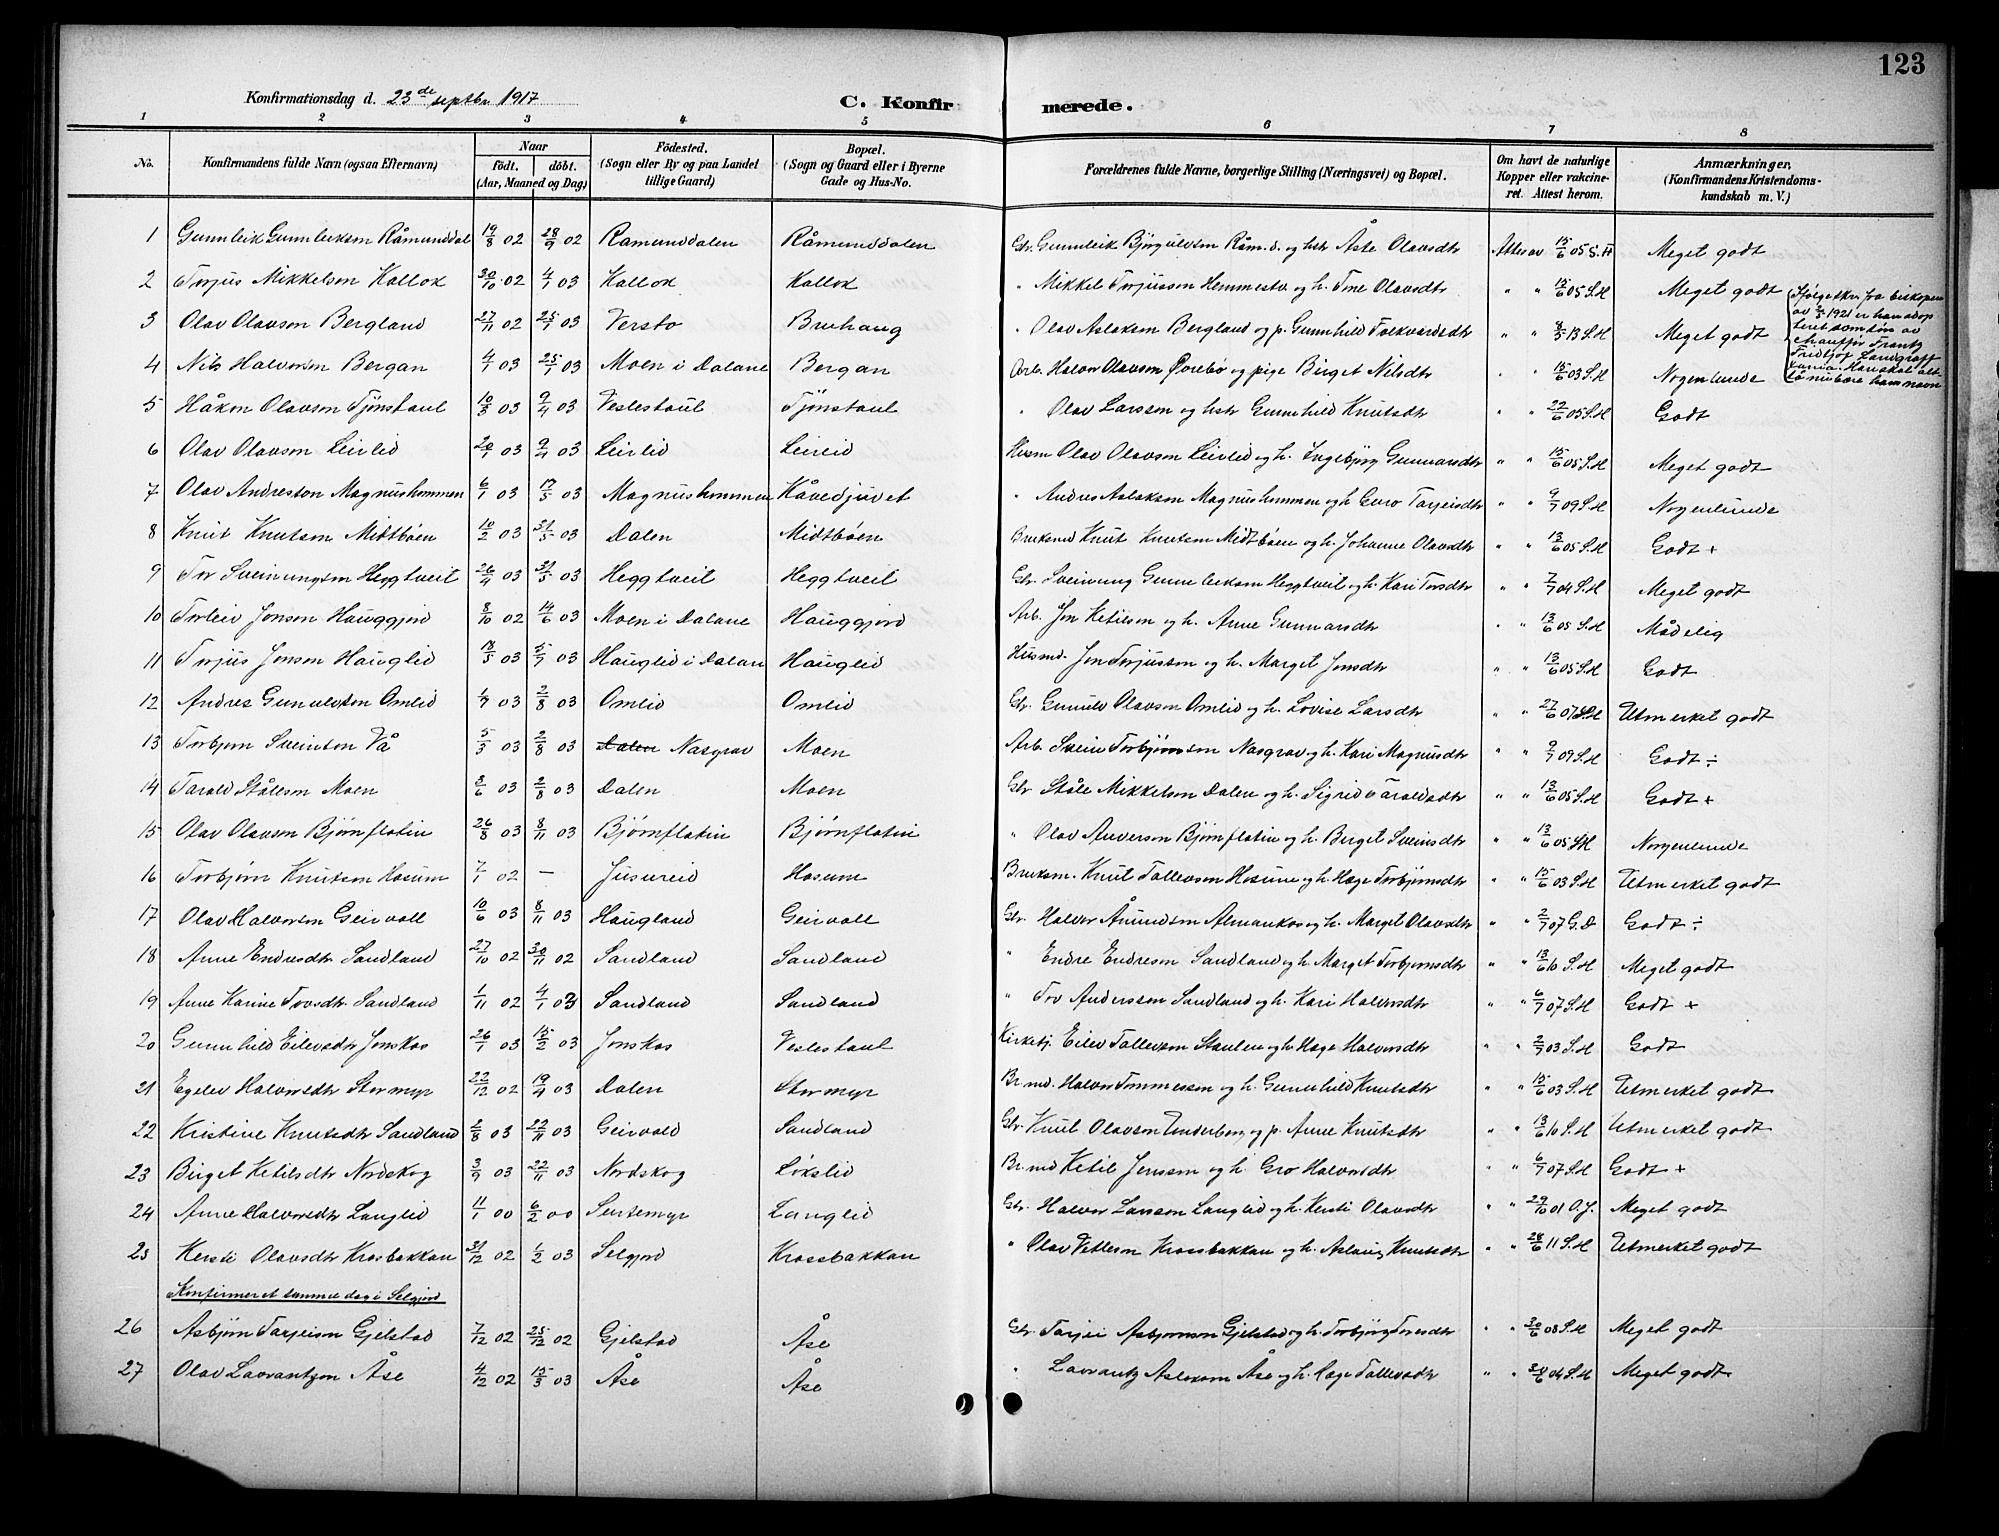 SAKO, Kviteseid kirkebøker, G/Gb/L0003: Klokkerbok nr. II 3, 1893-1933, s. 123